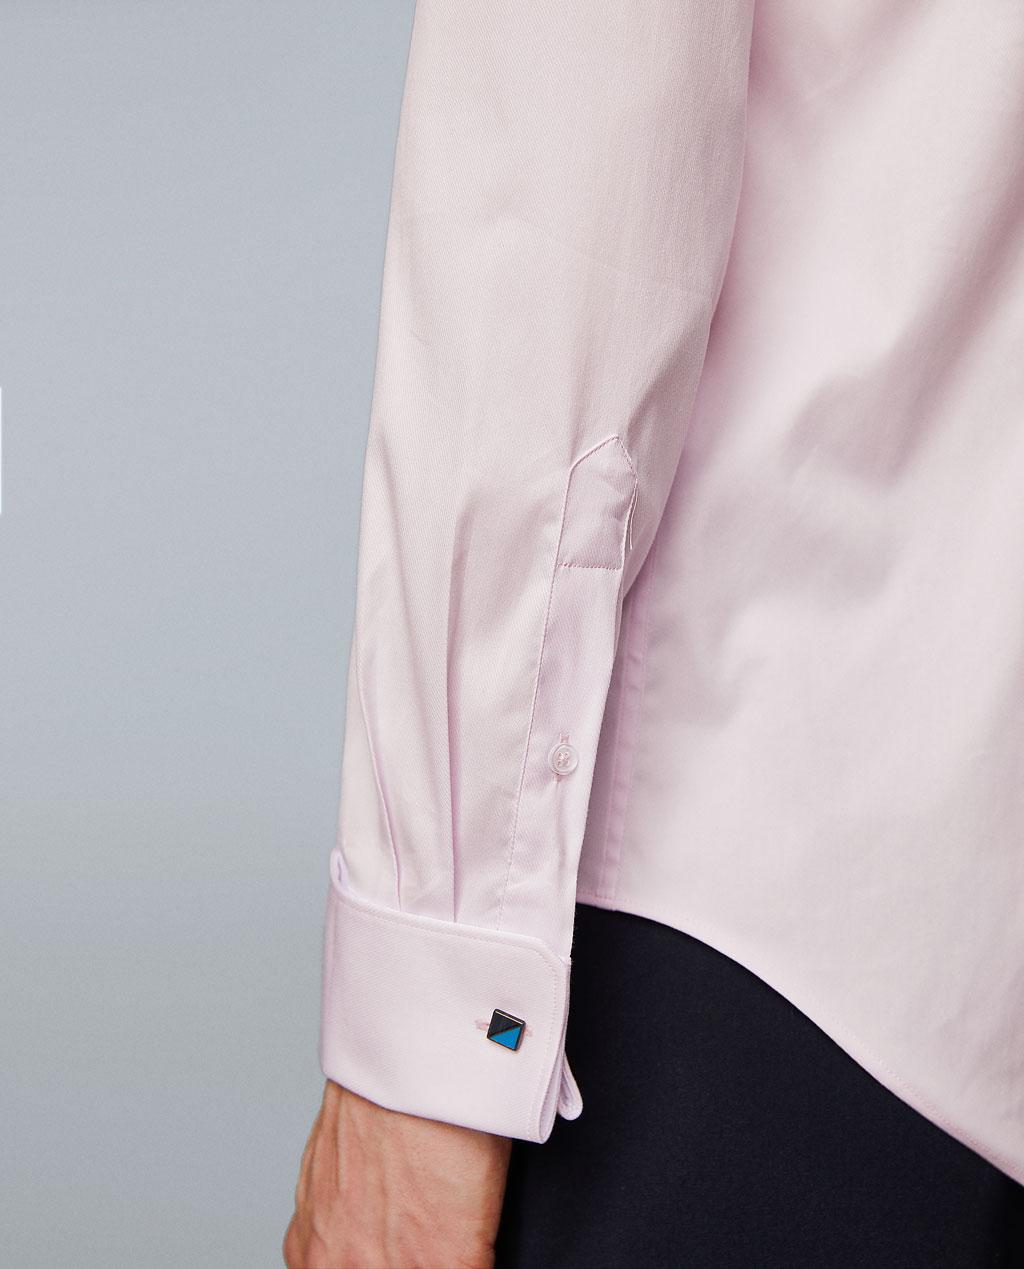 Thời trang nam Zara  23912 - ảnh 7